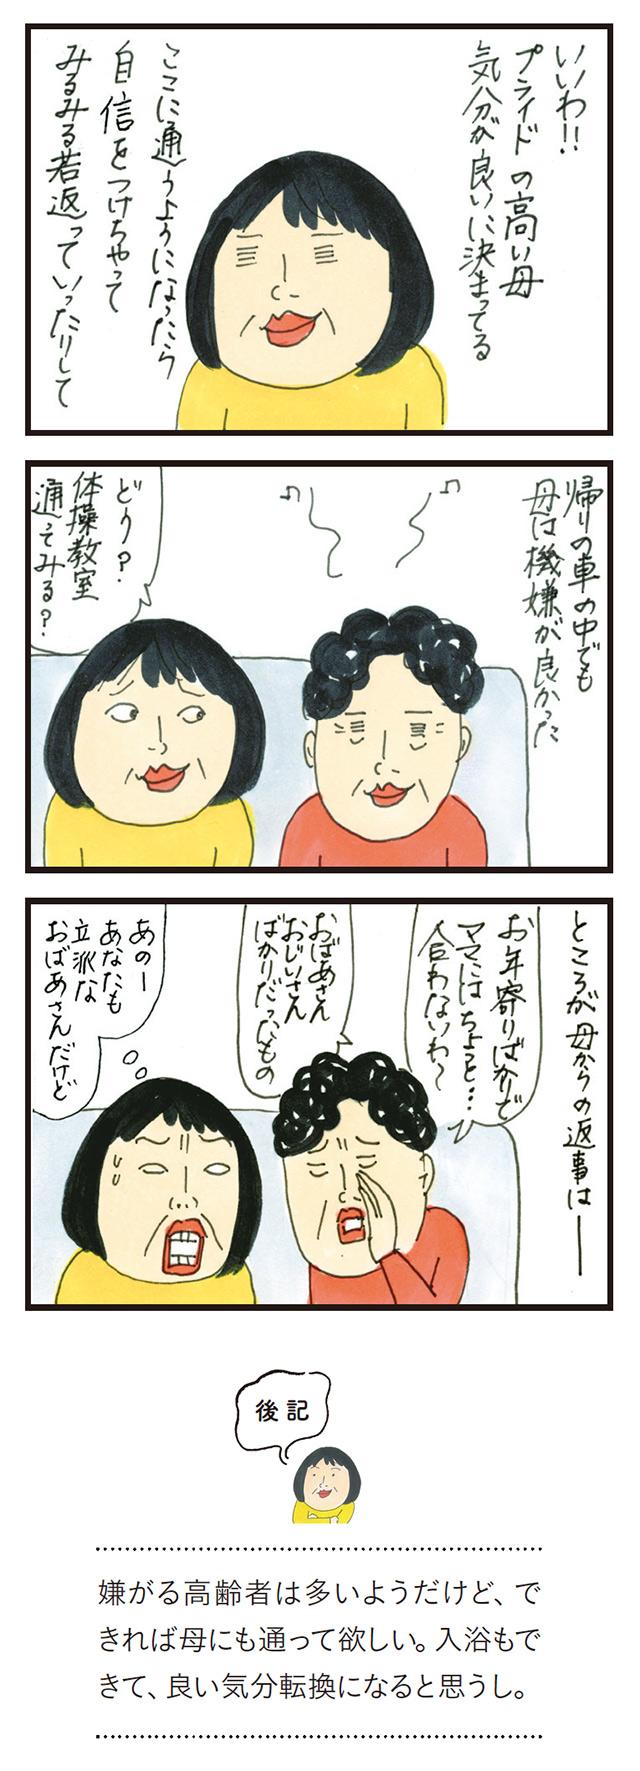 87-1.jpg